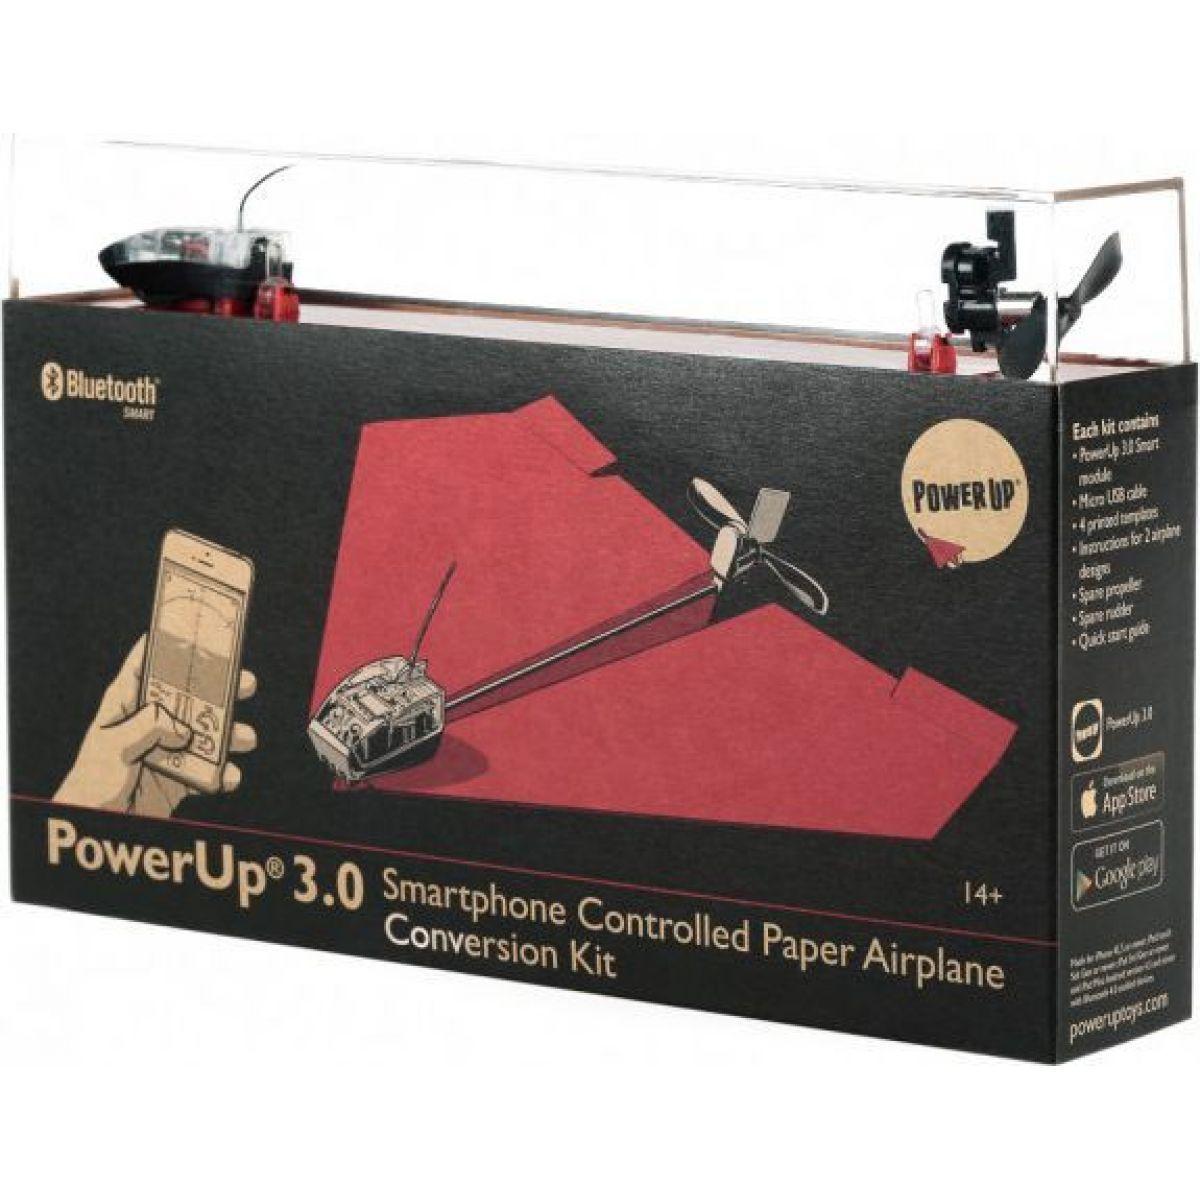 Smart drone PowerUp 3.0 chytrá papírová vlaštovka - PU-500-004